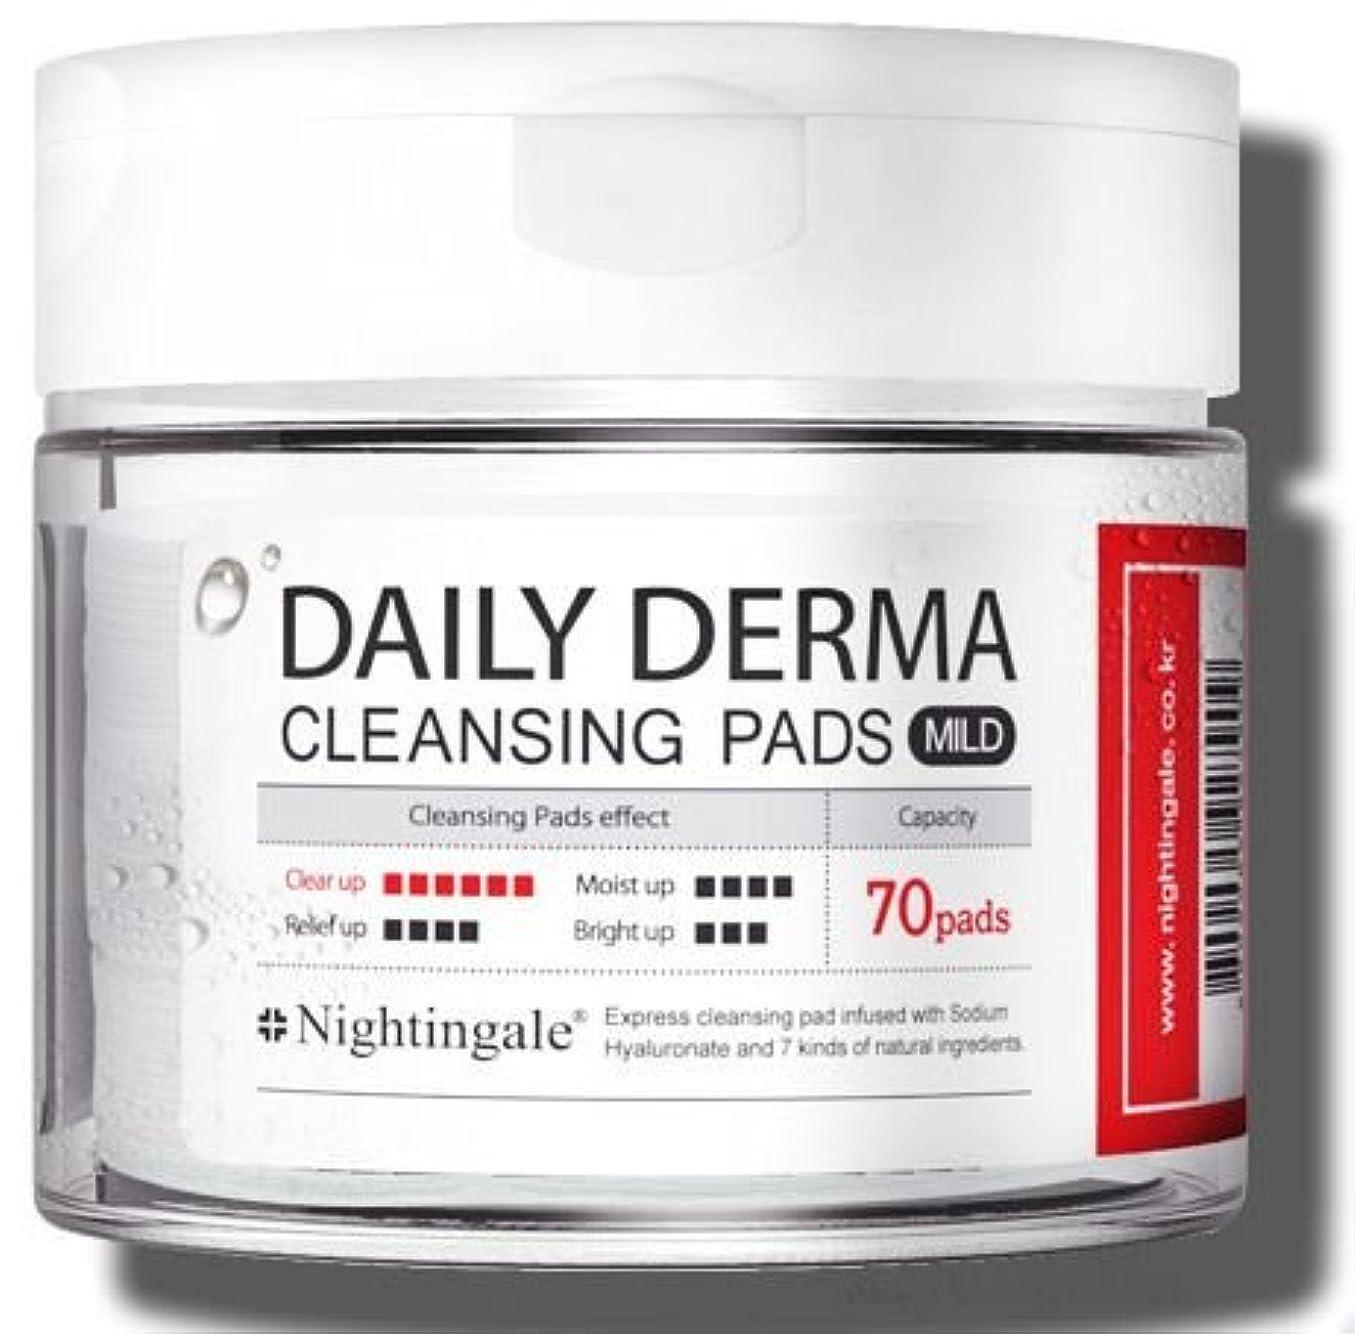 弱まるメガロポリス誠実さNightingale Daily Derma Cleansing Pads * Mild * 70pads/ナイチンゲール デイリー ダーマ クレンジング パッド * マイルド * 70枚入り [並行輸入品]